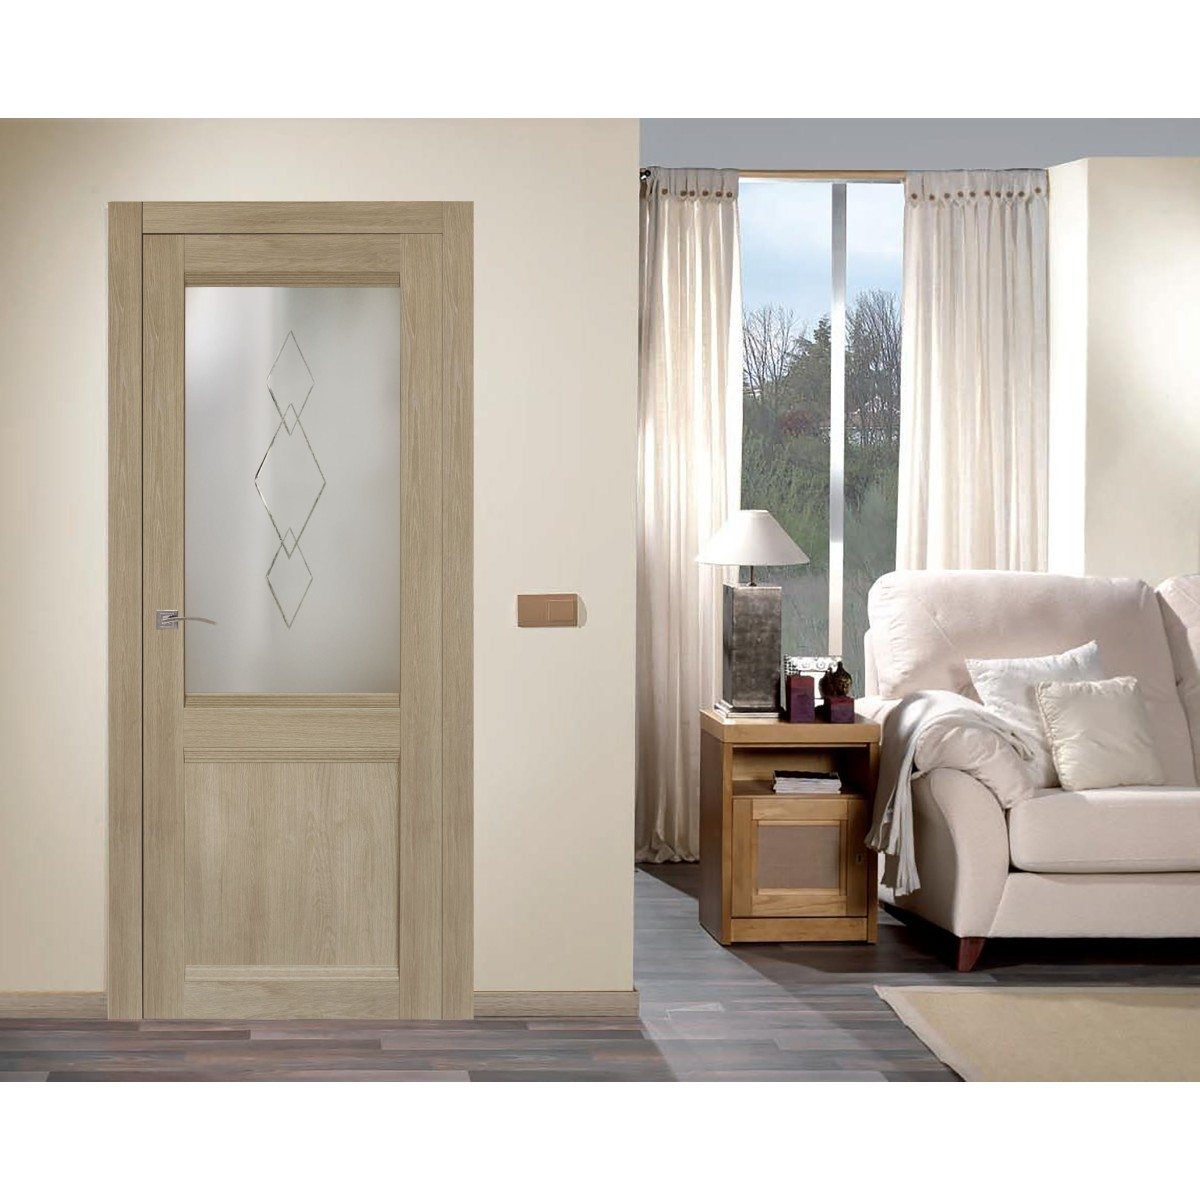 Дверь Межкомнатная Остеклённая Арагона С Фурнитурой 70Х200 Цвет Дуб Тёрнер